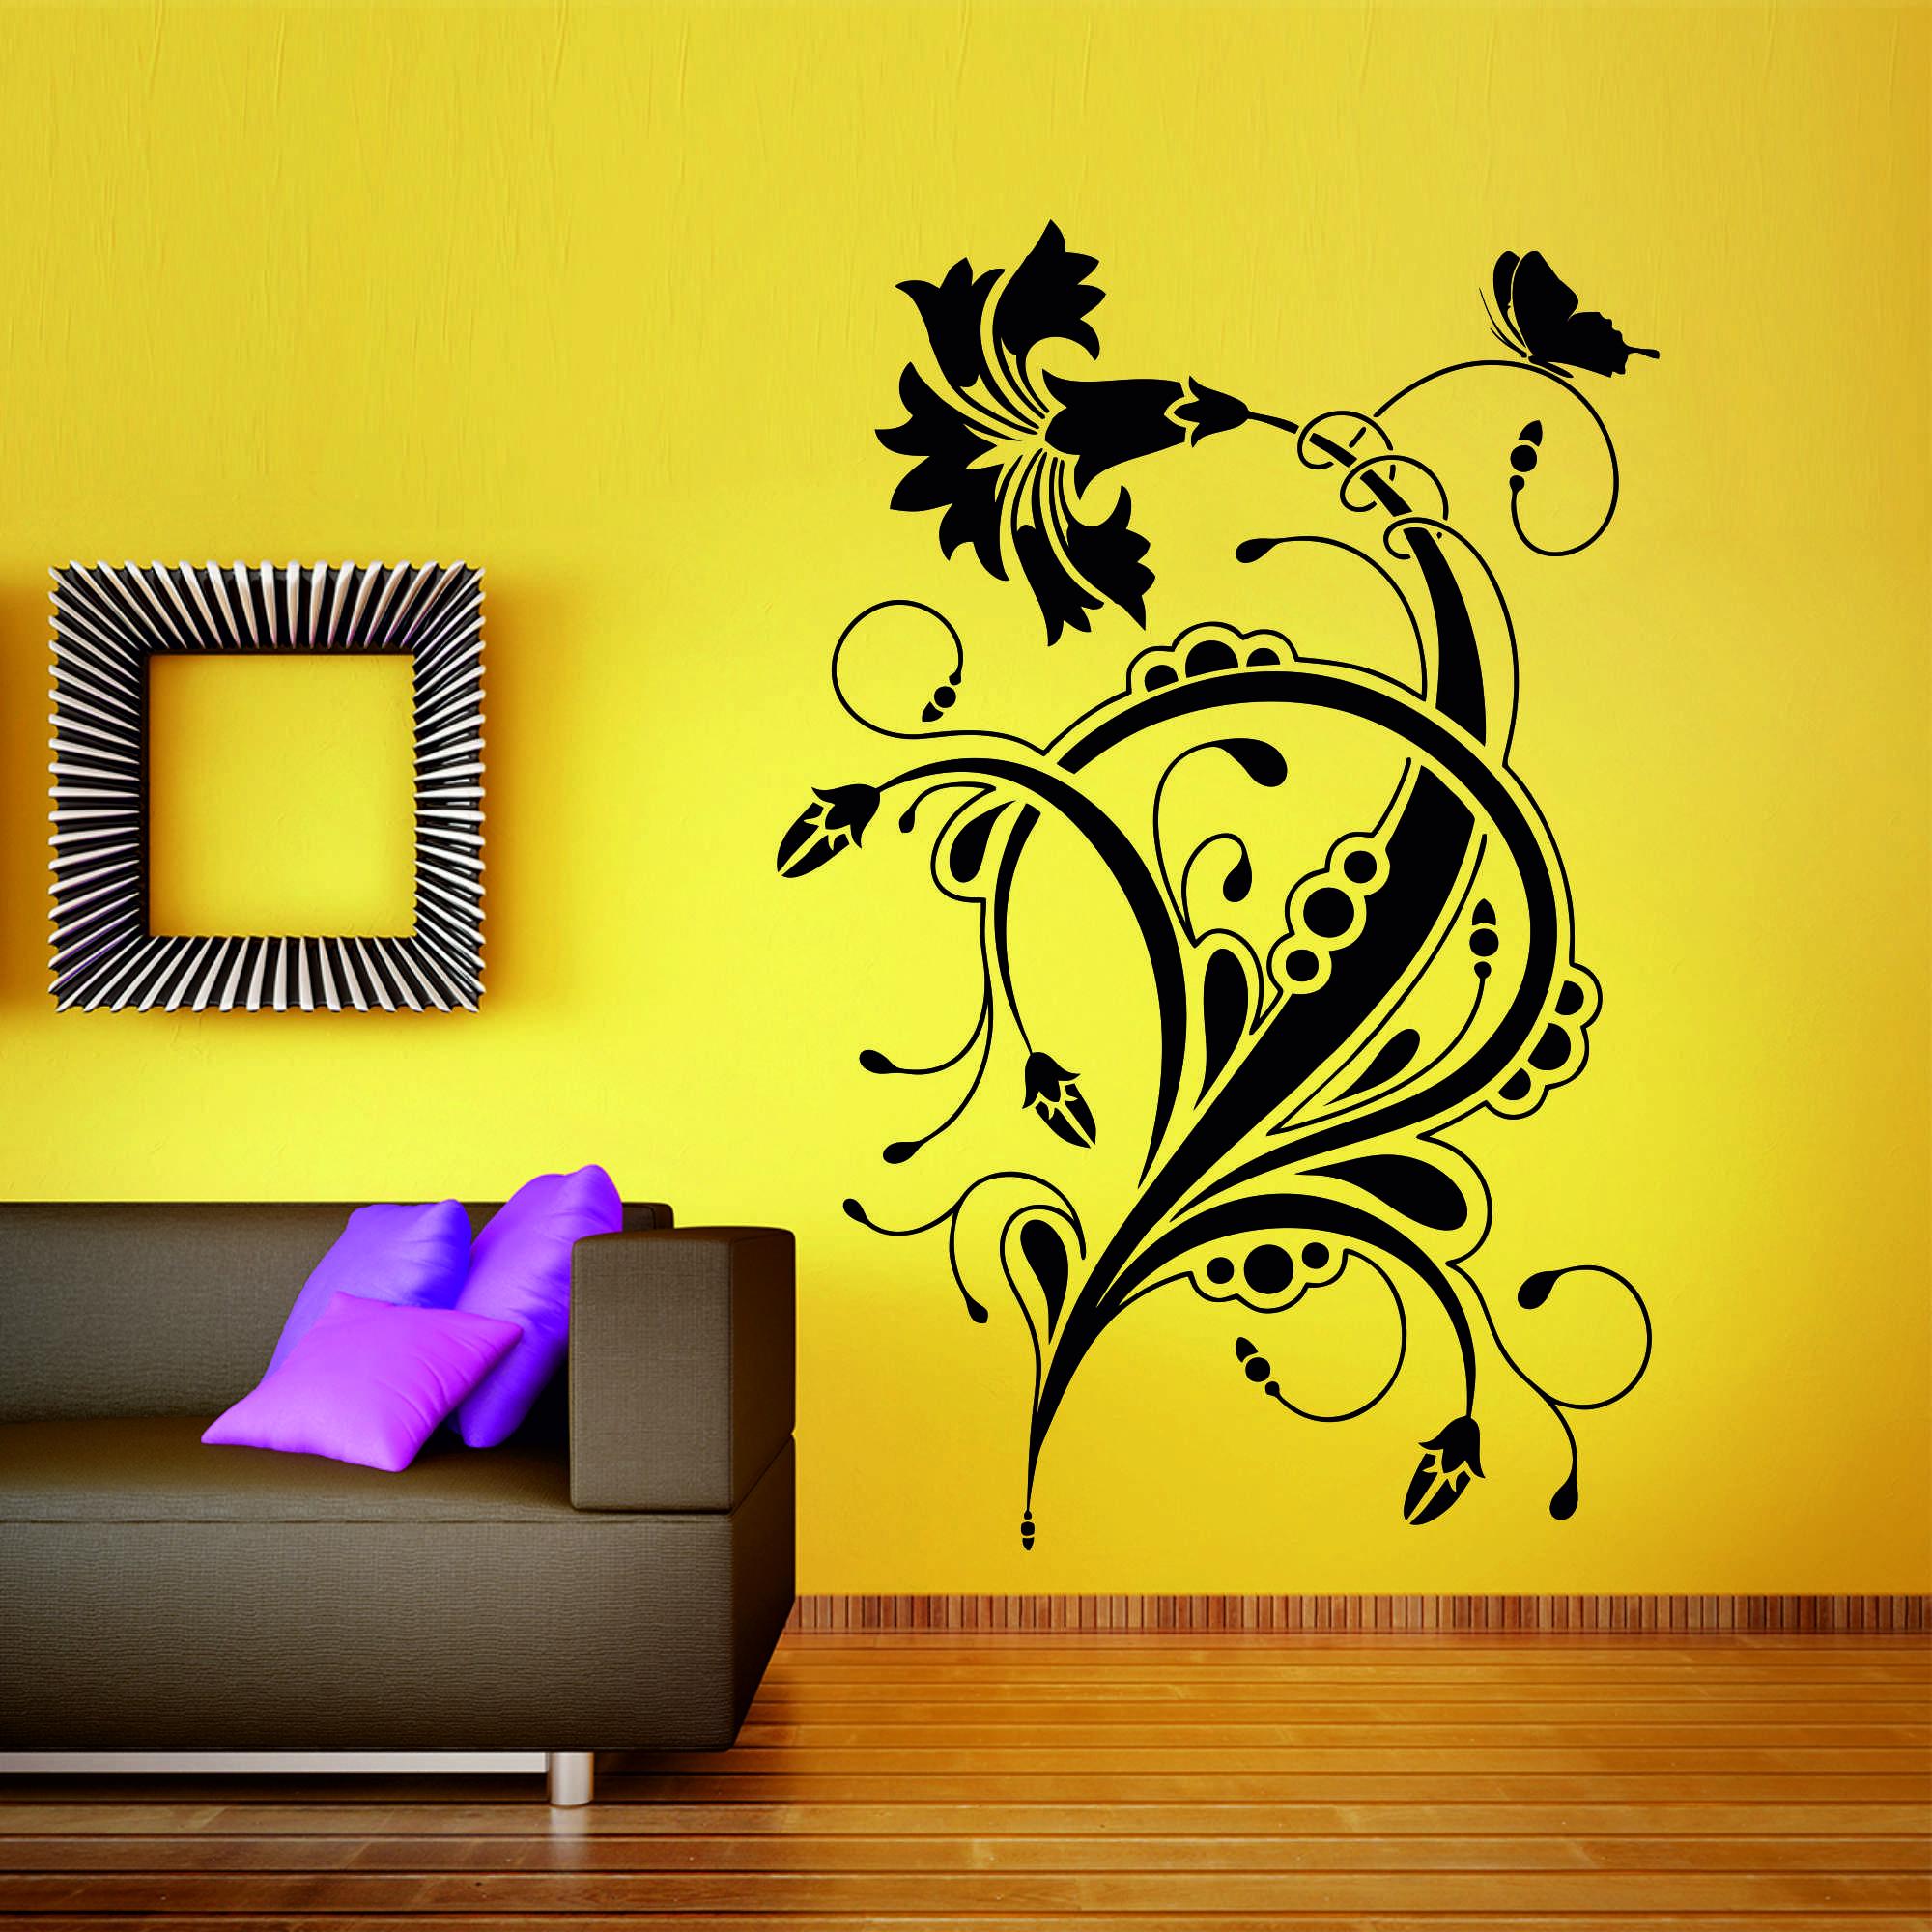 Samolepka na zeď - Květinový ornament 3 - 80x120 cm - PopyDesign